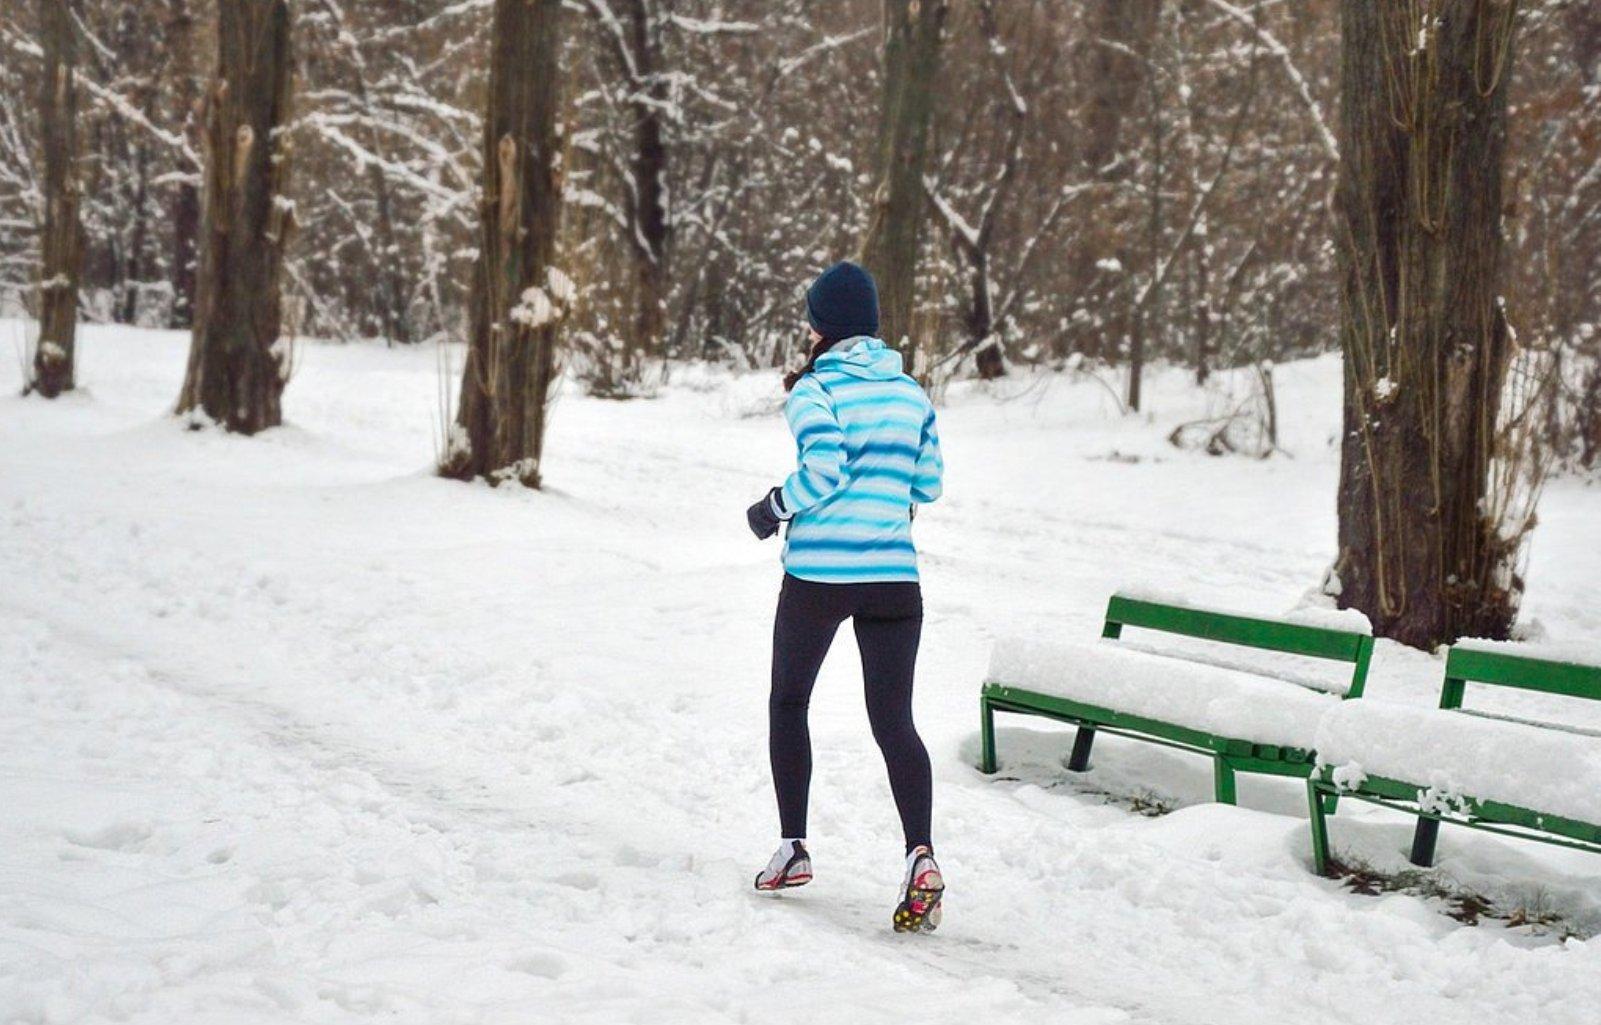 https://cdn2.hubspot.net/hubfs/2470171/blog/Winter%20Running.jpg Feature Image